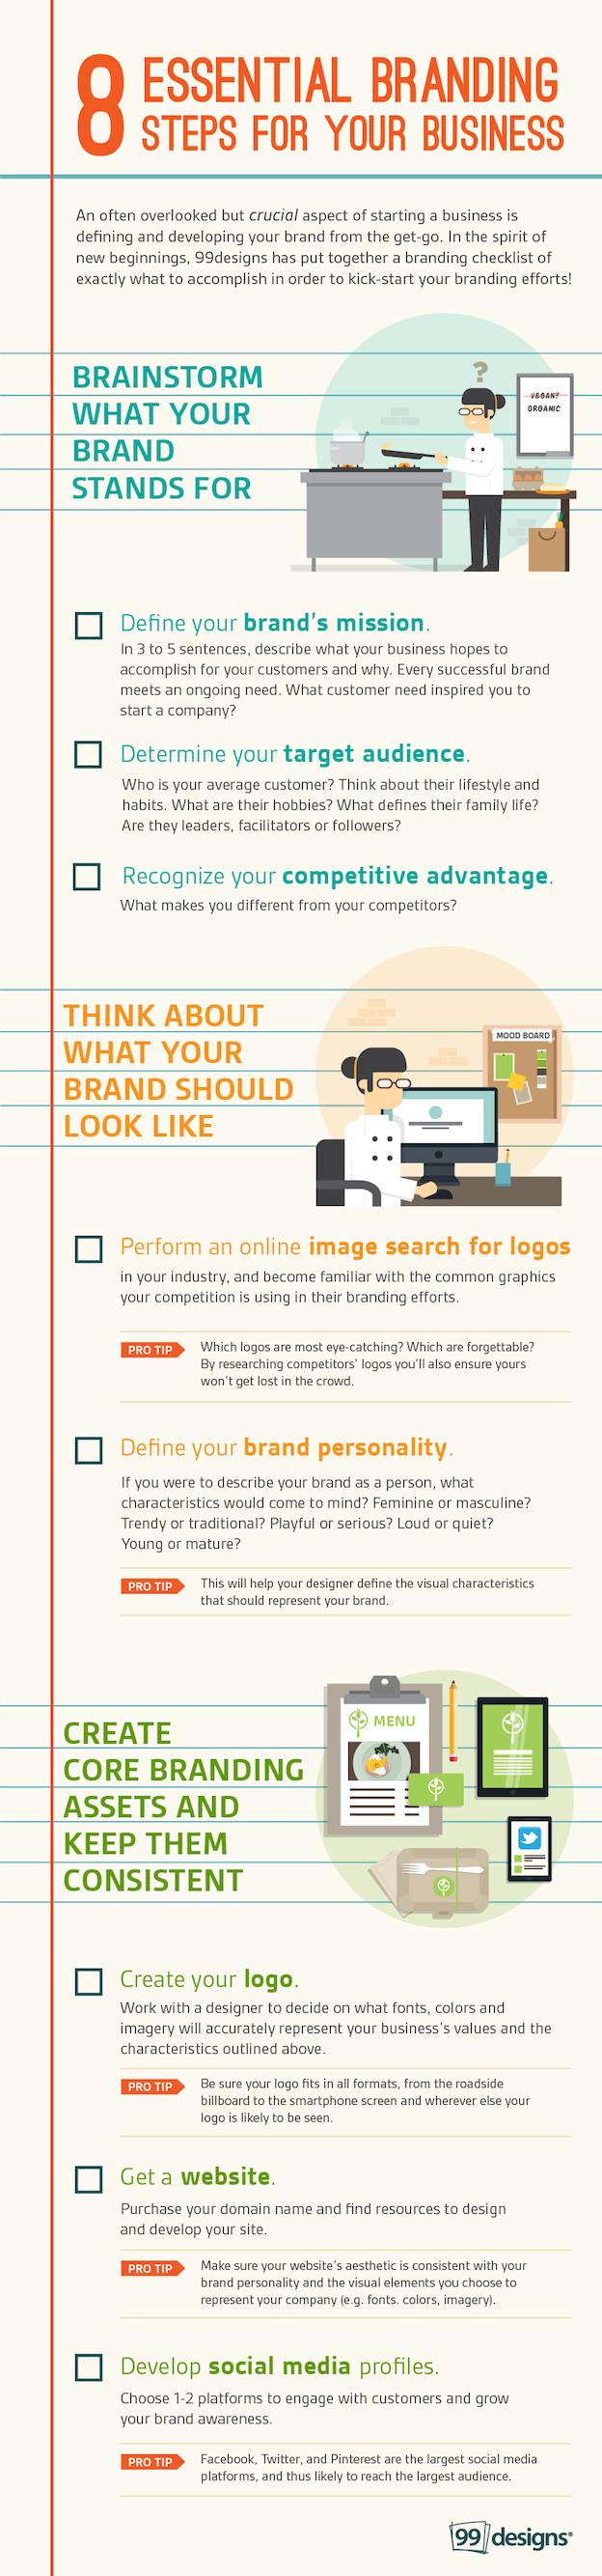 8 pasos esenciales en el branding de tu empresas